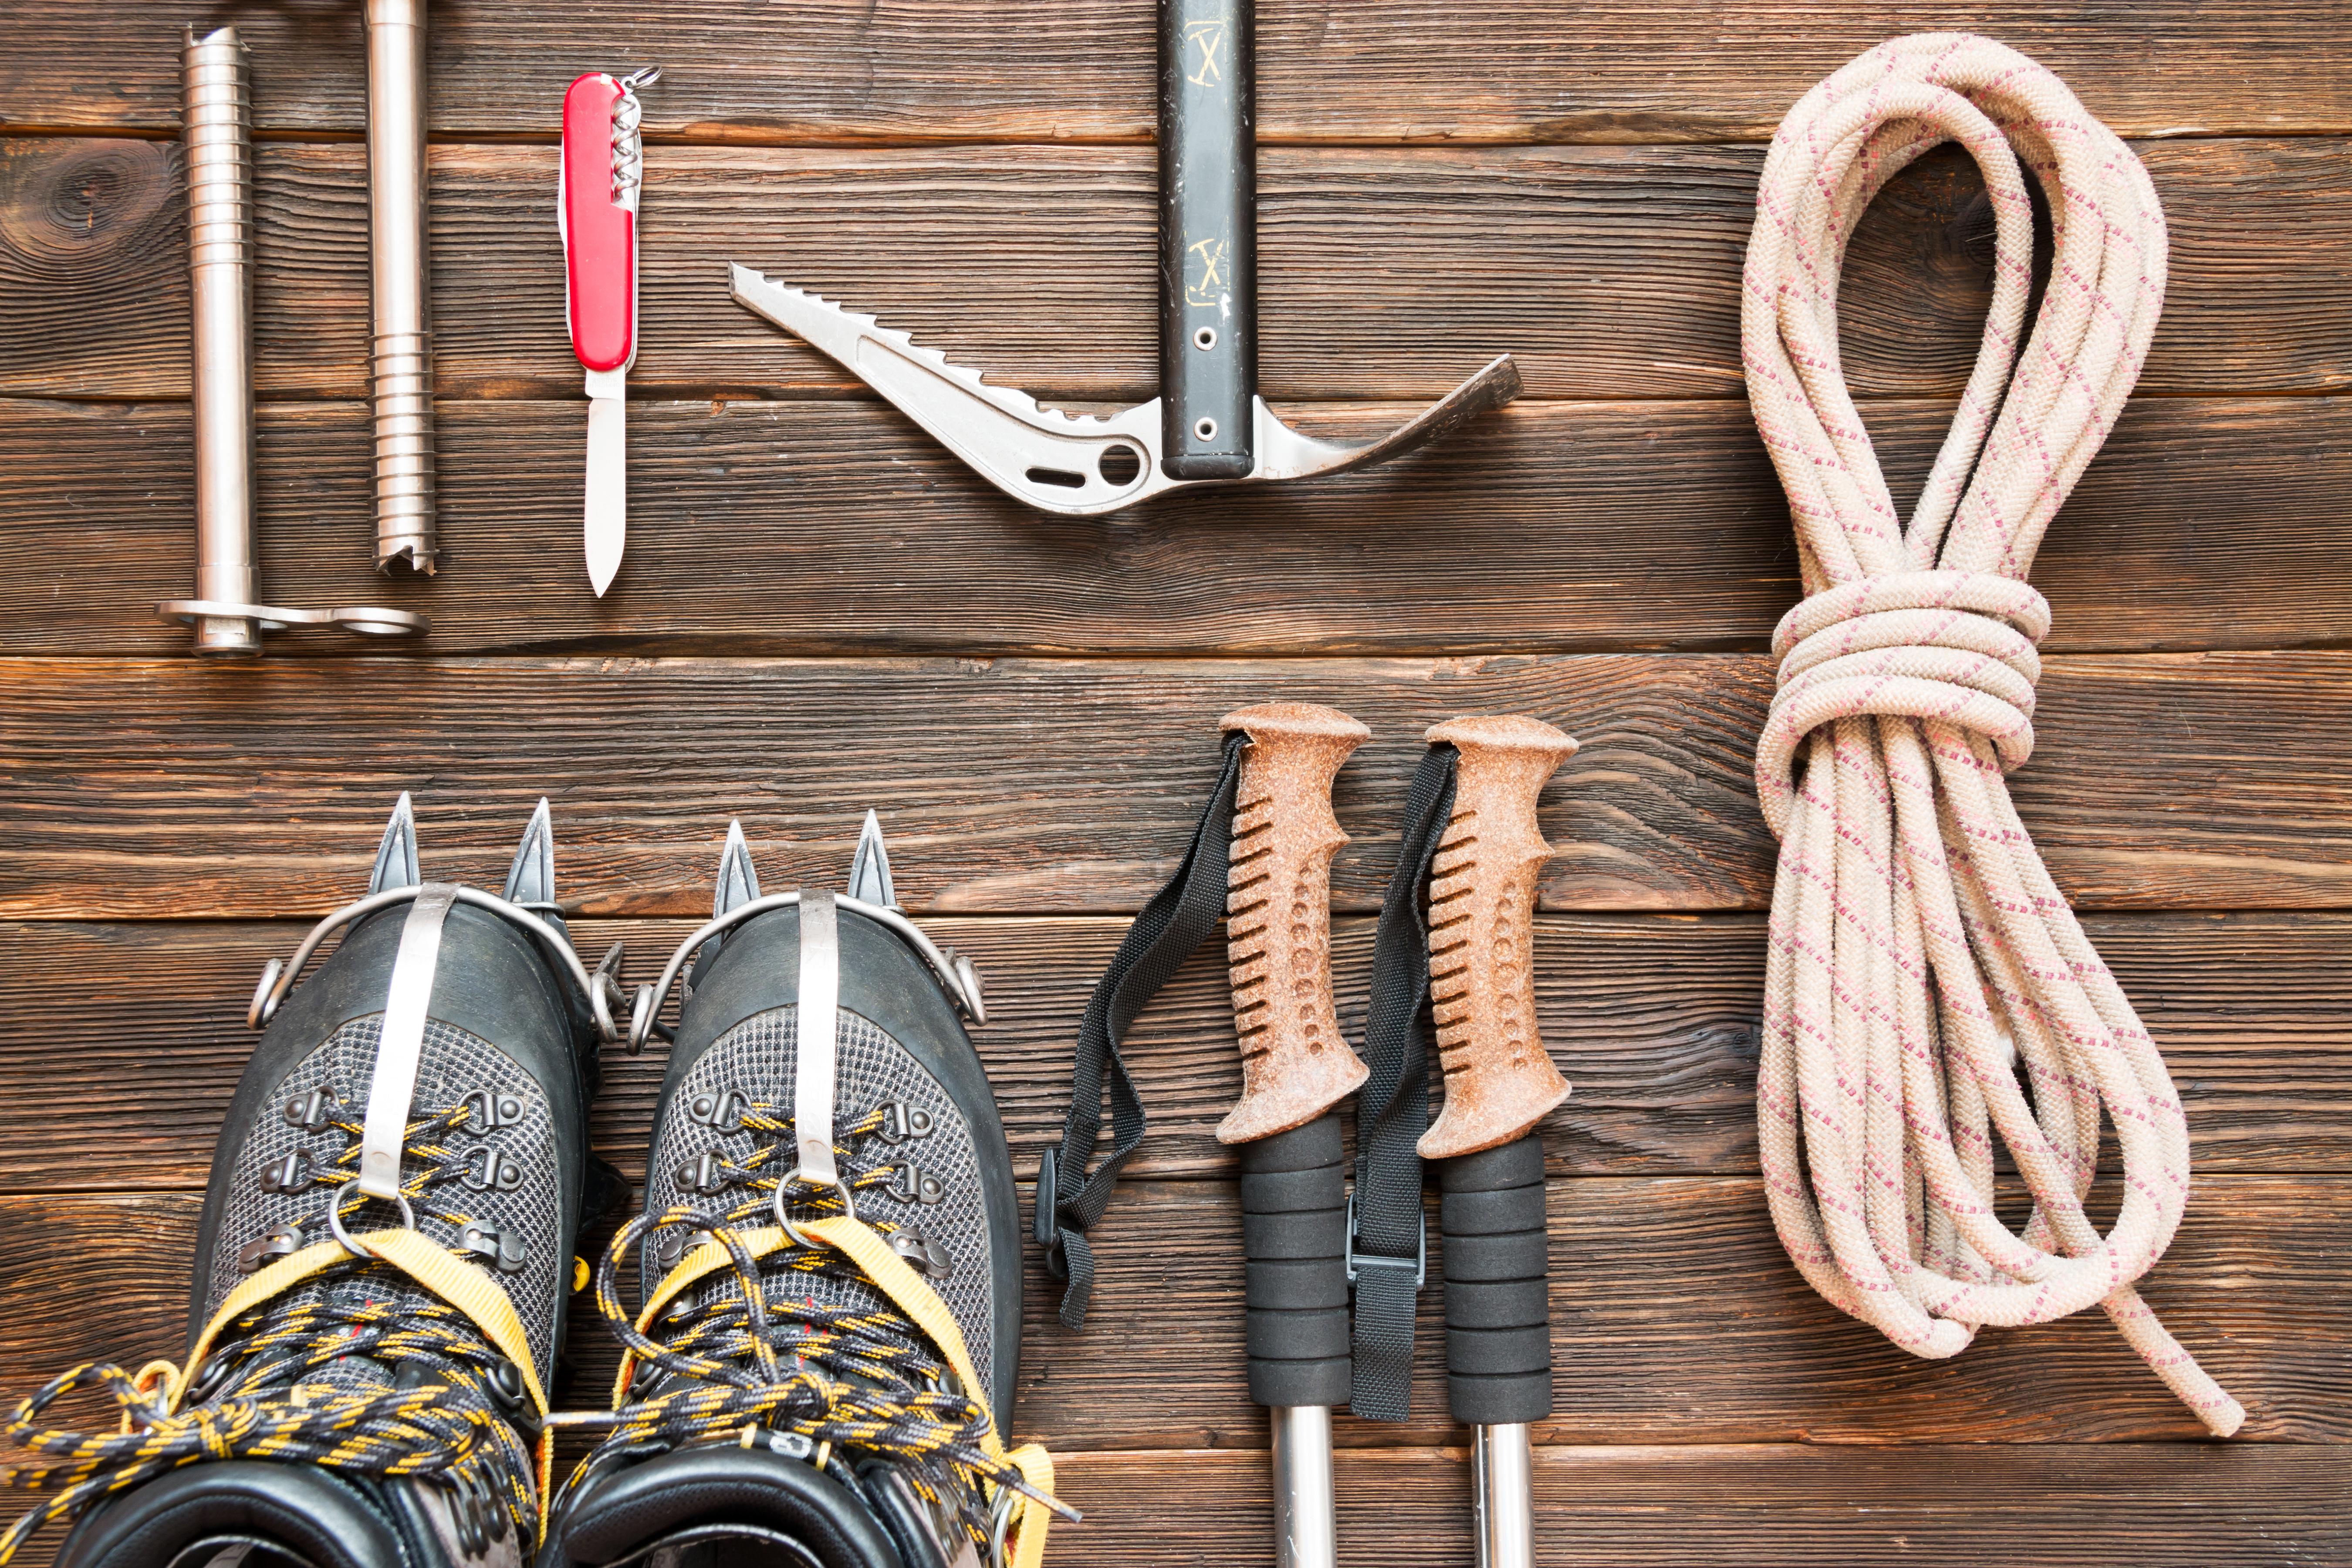 Klettersteigset Testsieger : ▷ steigeisen test bzw. vergleich 2019 auf gartentipps.com